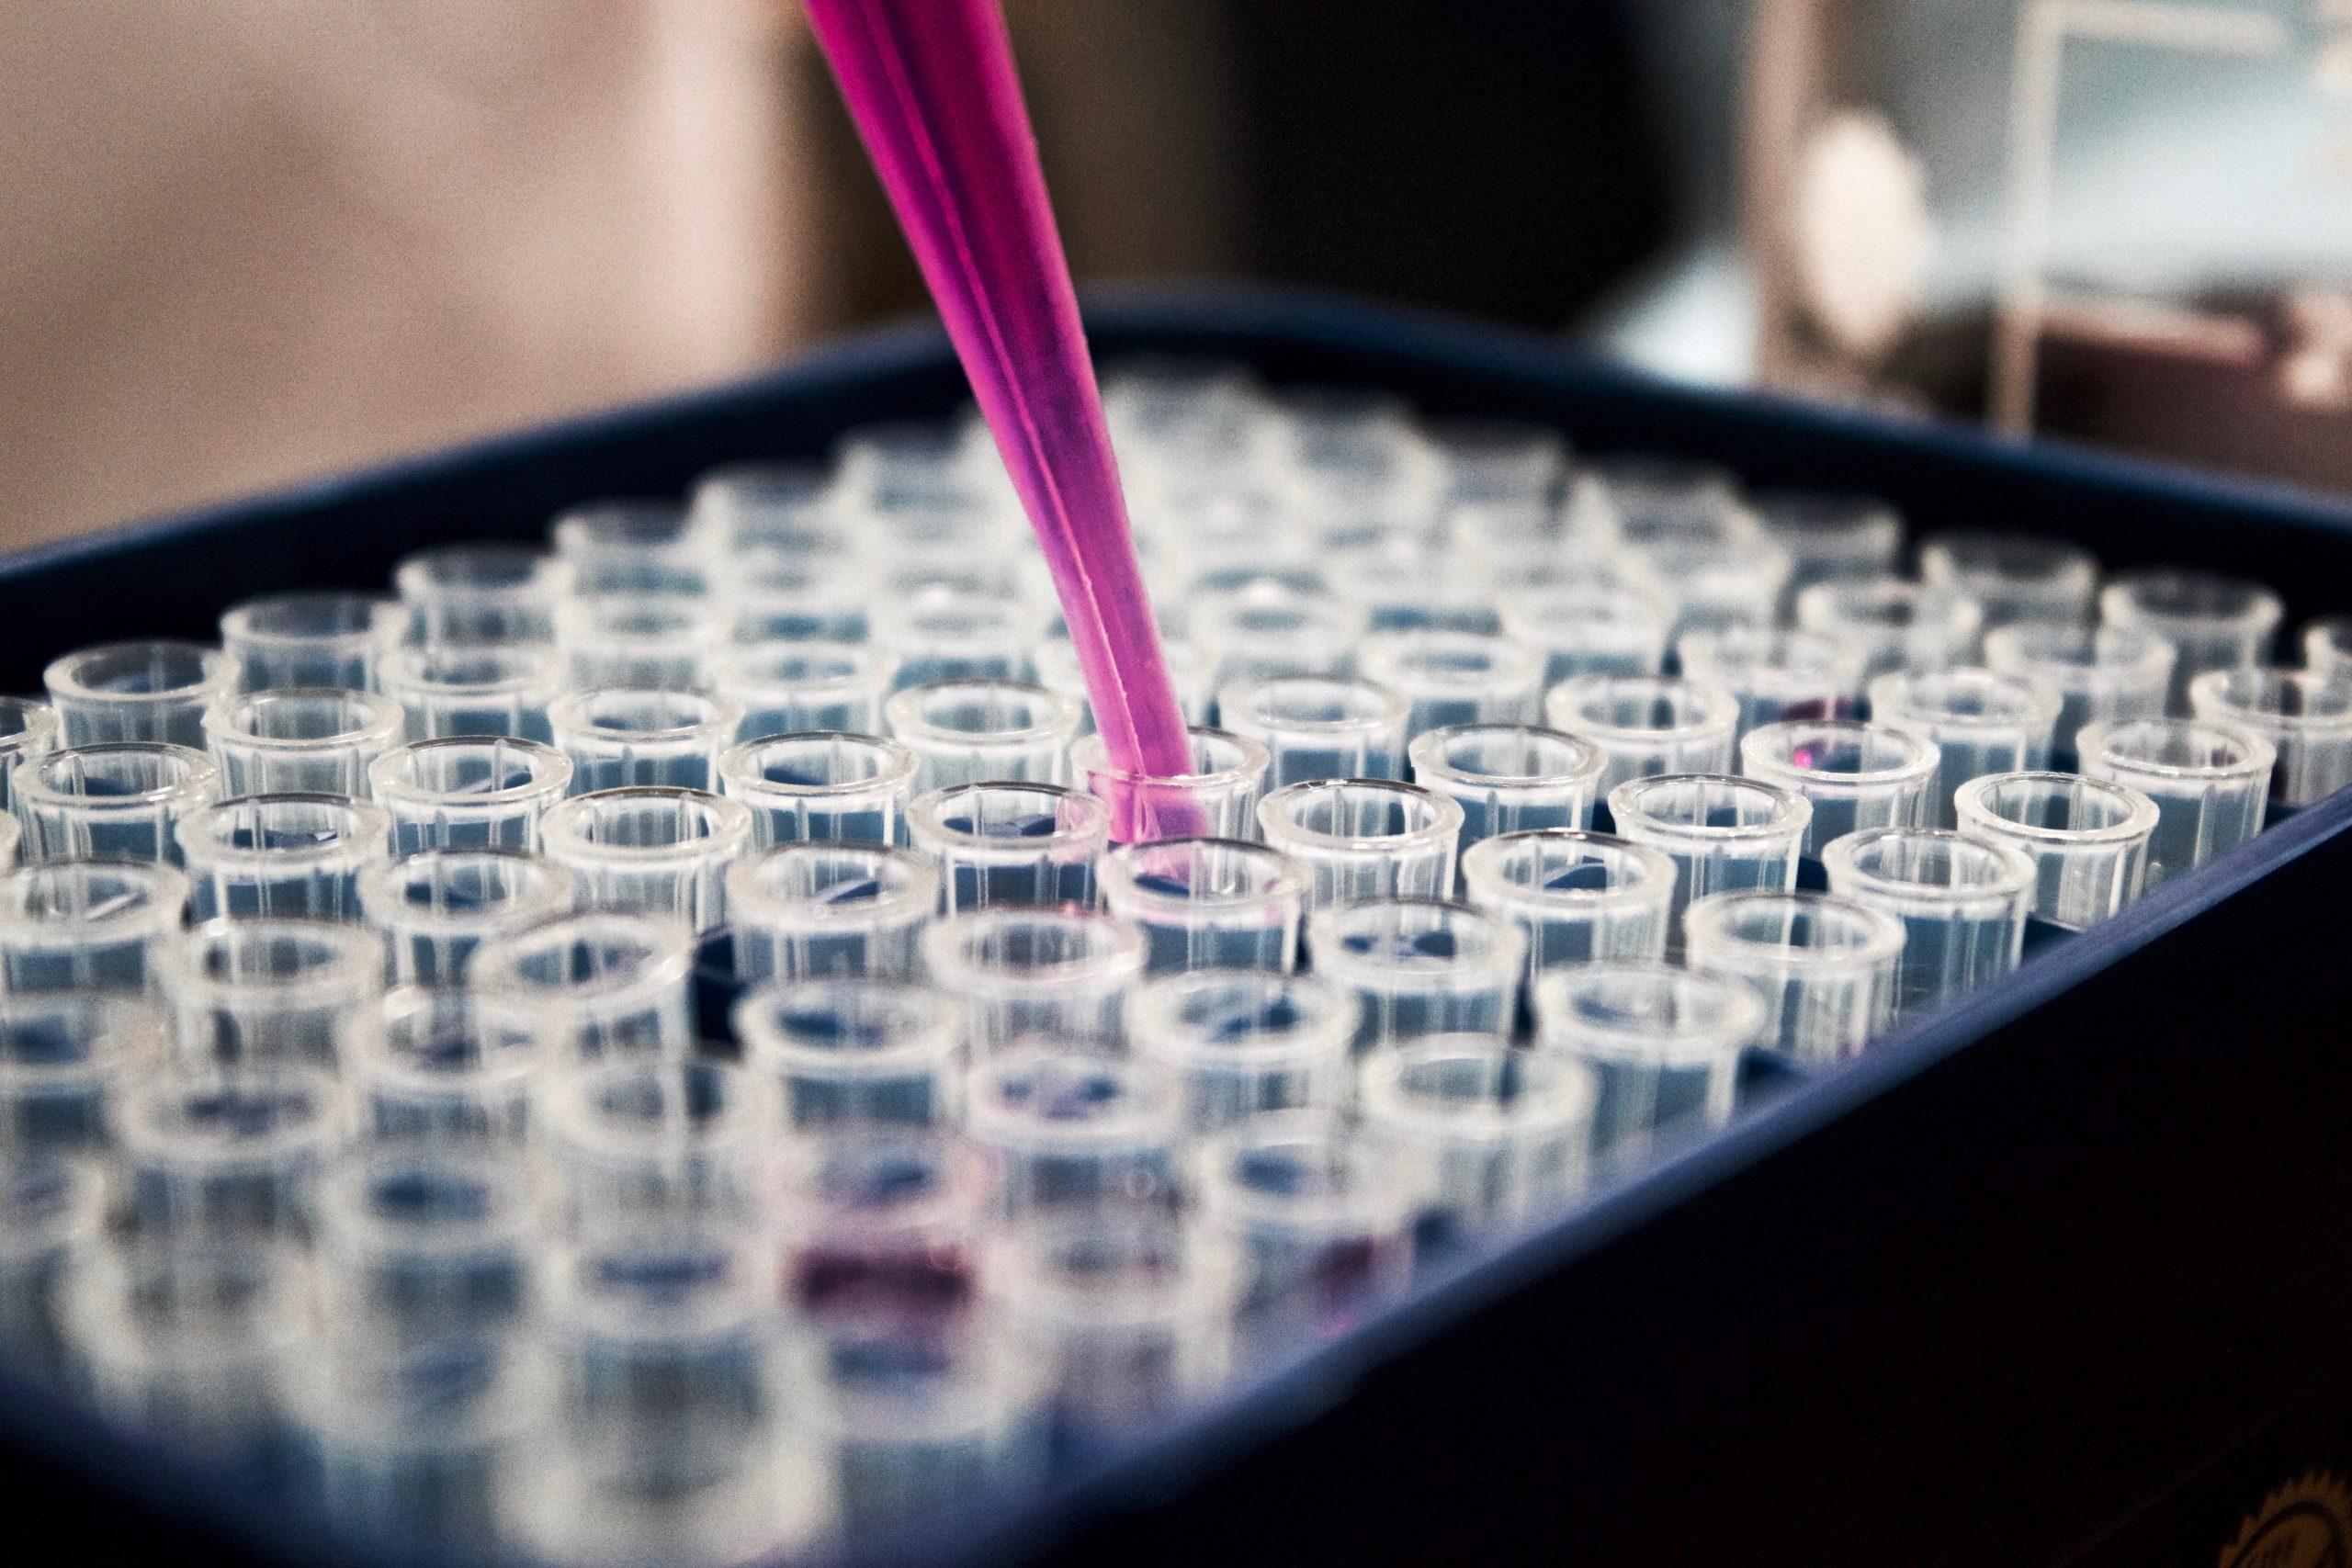 מגש מבחנות במעבדה